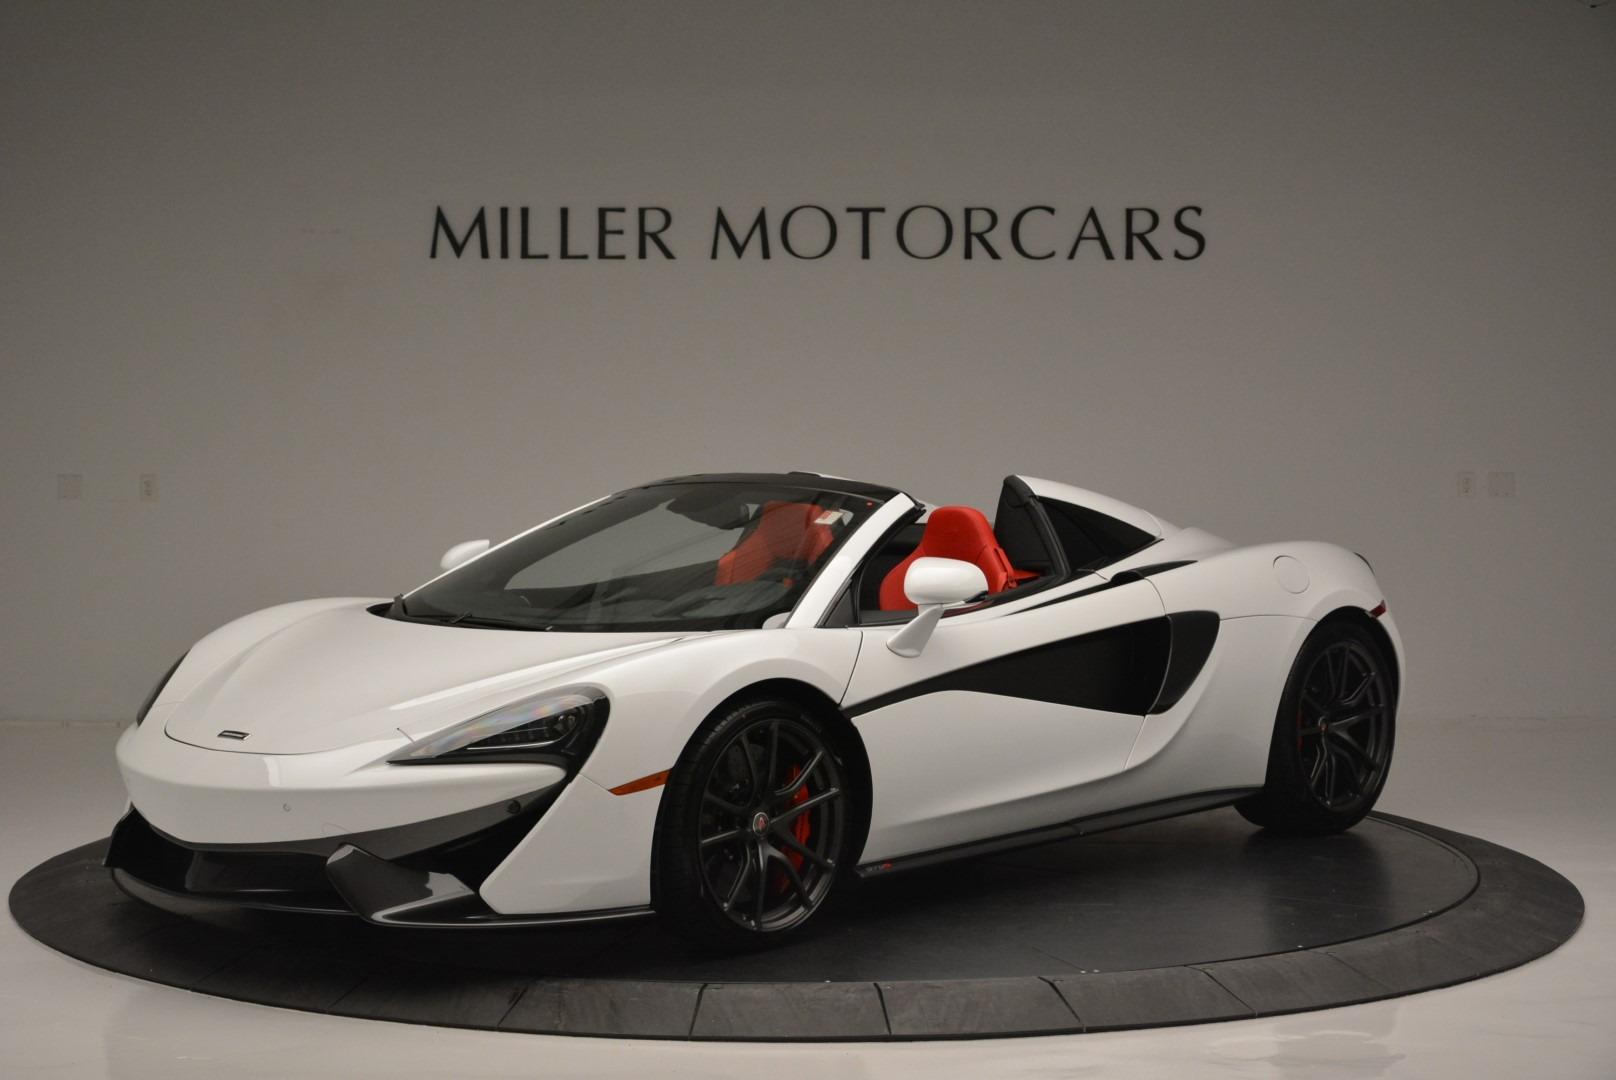 Used 2018 McLaren 570S Spider For Sale In Westport, CT 2341_p2